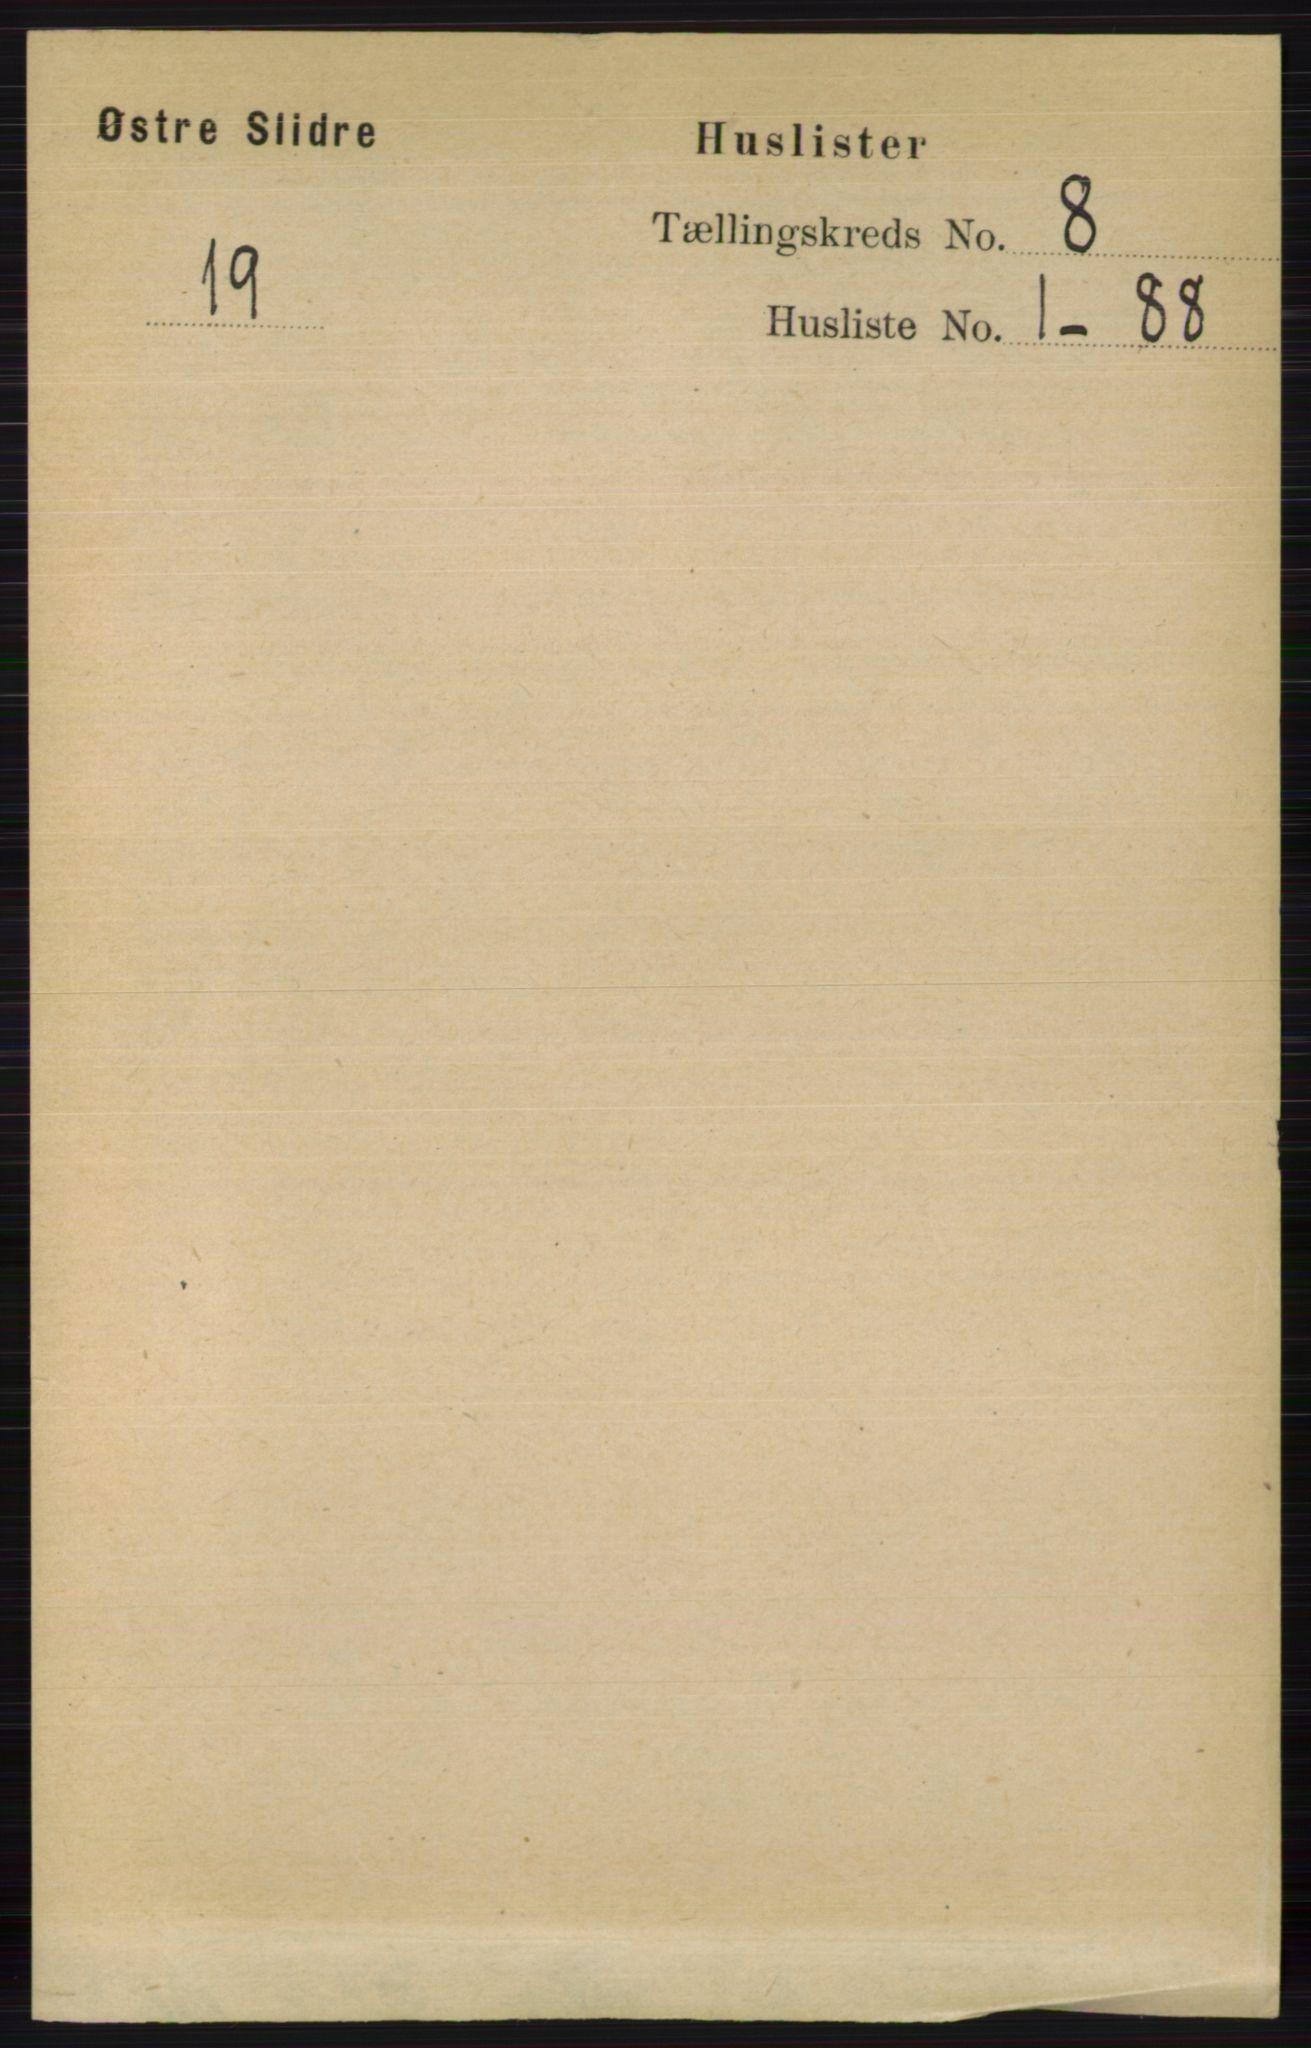 RA, Folketelling 1891 for 0544 Øystre Slidre herred, 1891, s. 2461